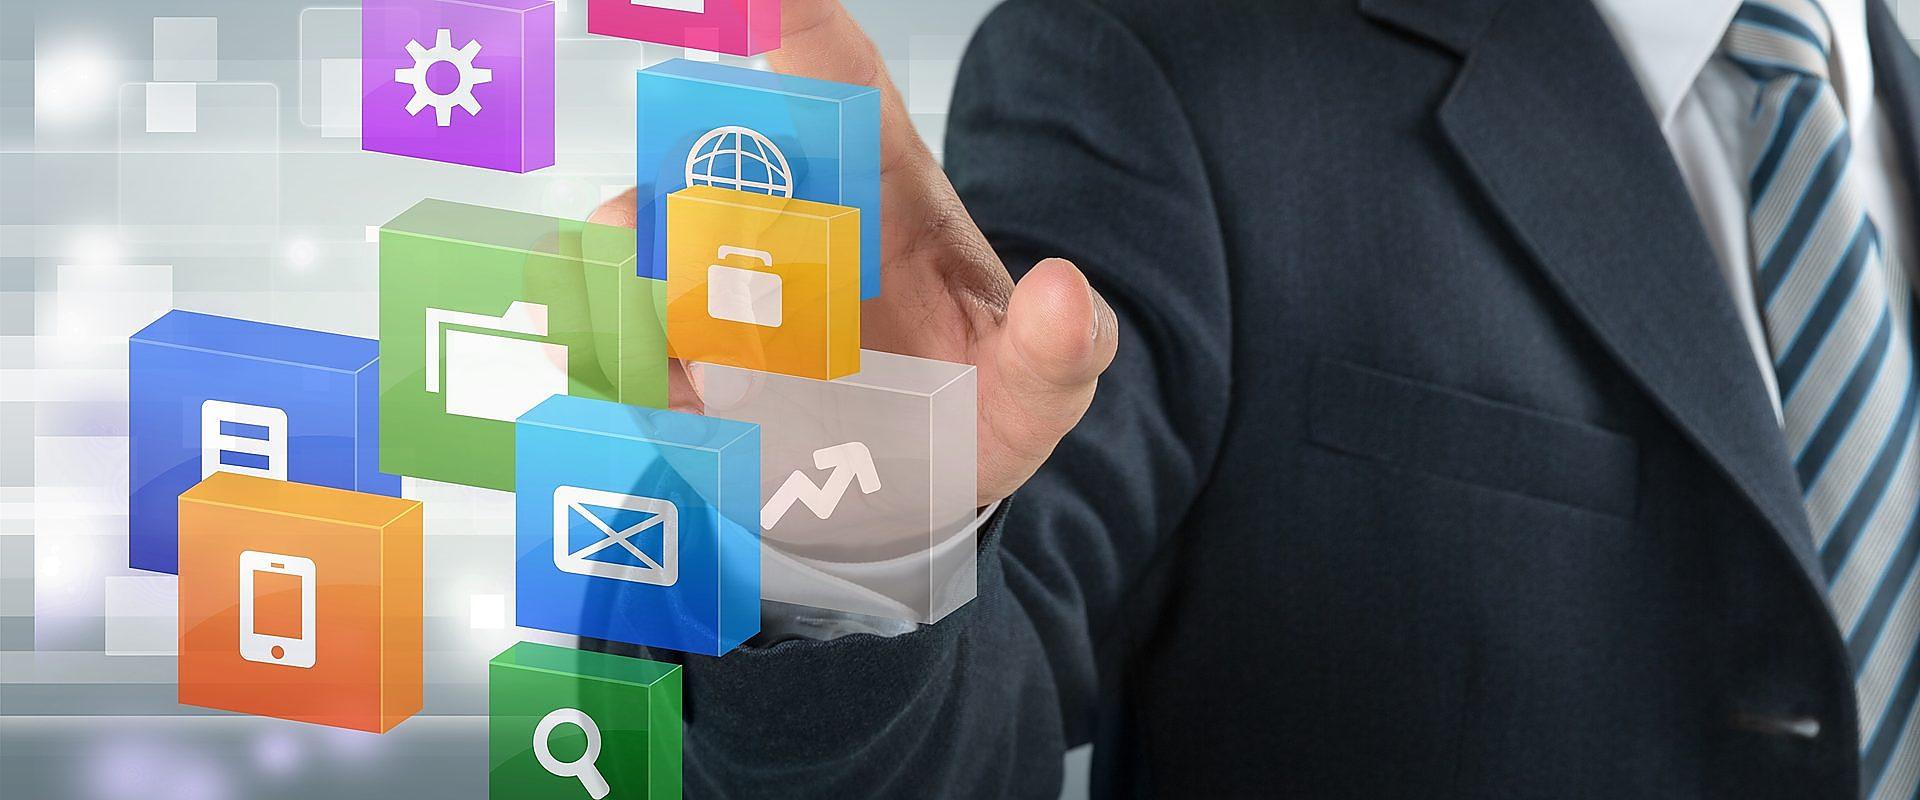 Herramientas colaborativas para trabajar en la nube: Google y Microsoft